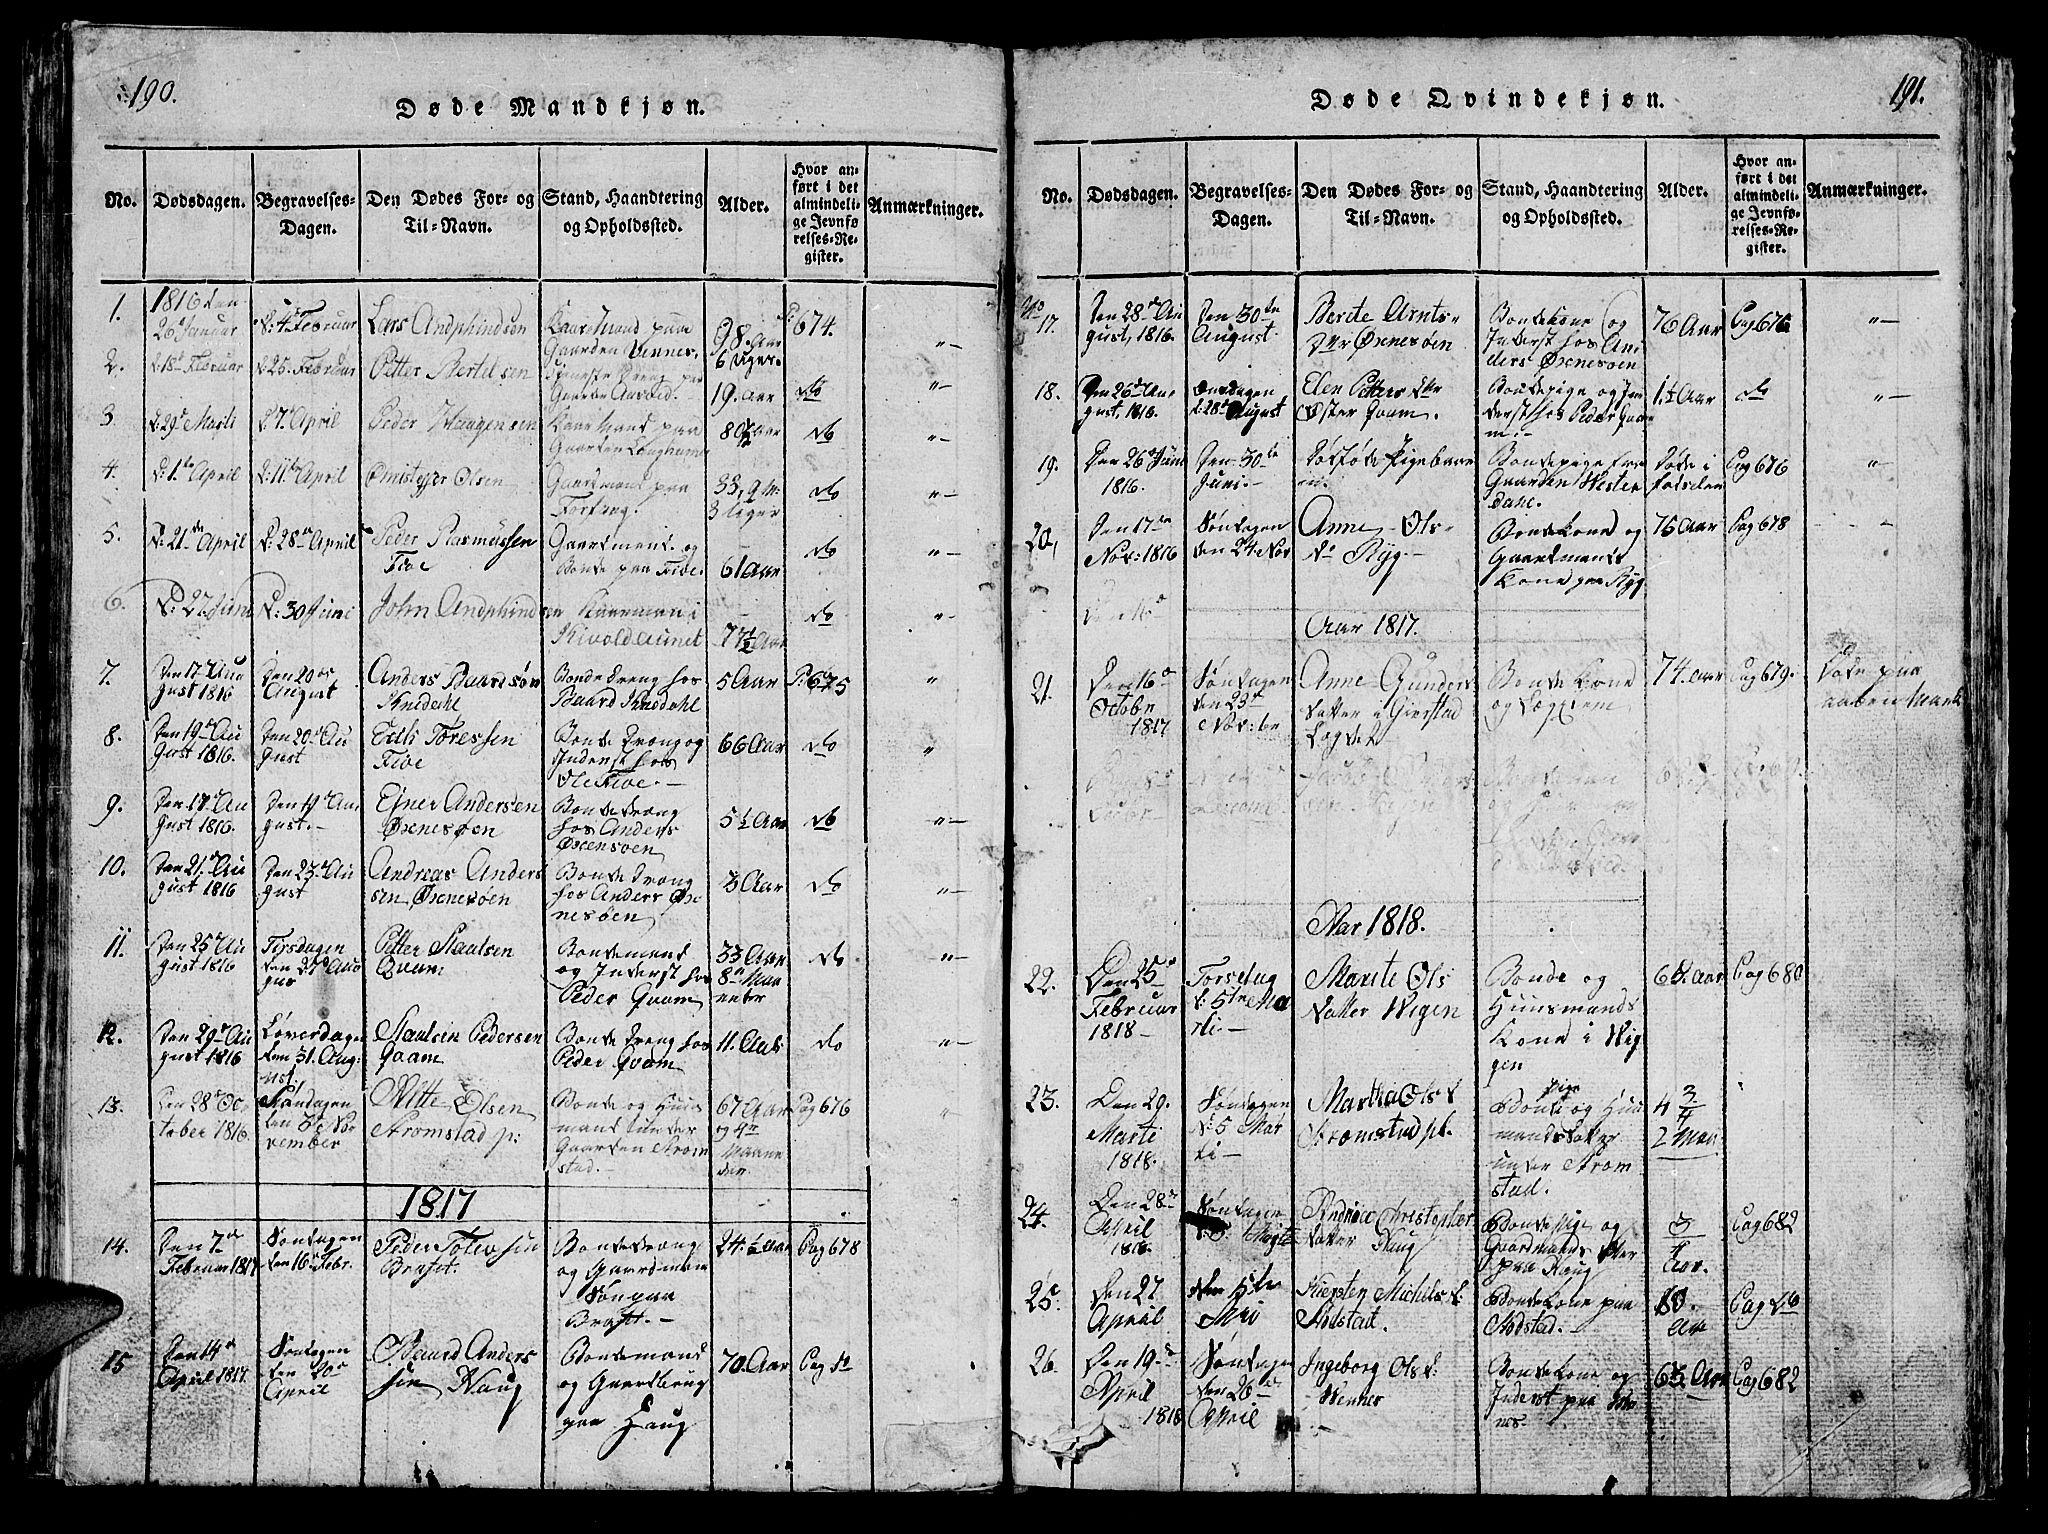 SAT, Ministerialprotokoller, klokkerbøker og fødselsregistre - Nord-Trøndelag, 747/L0459: Klokkerbok nr. 747C01, 1816-1842, s. 190-191